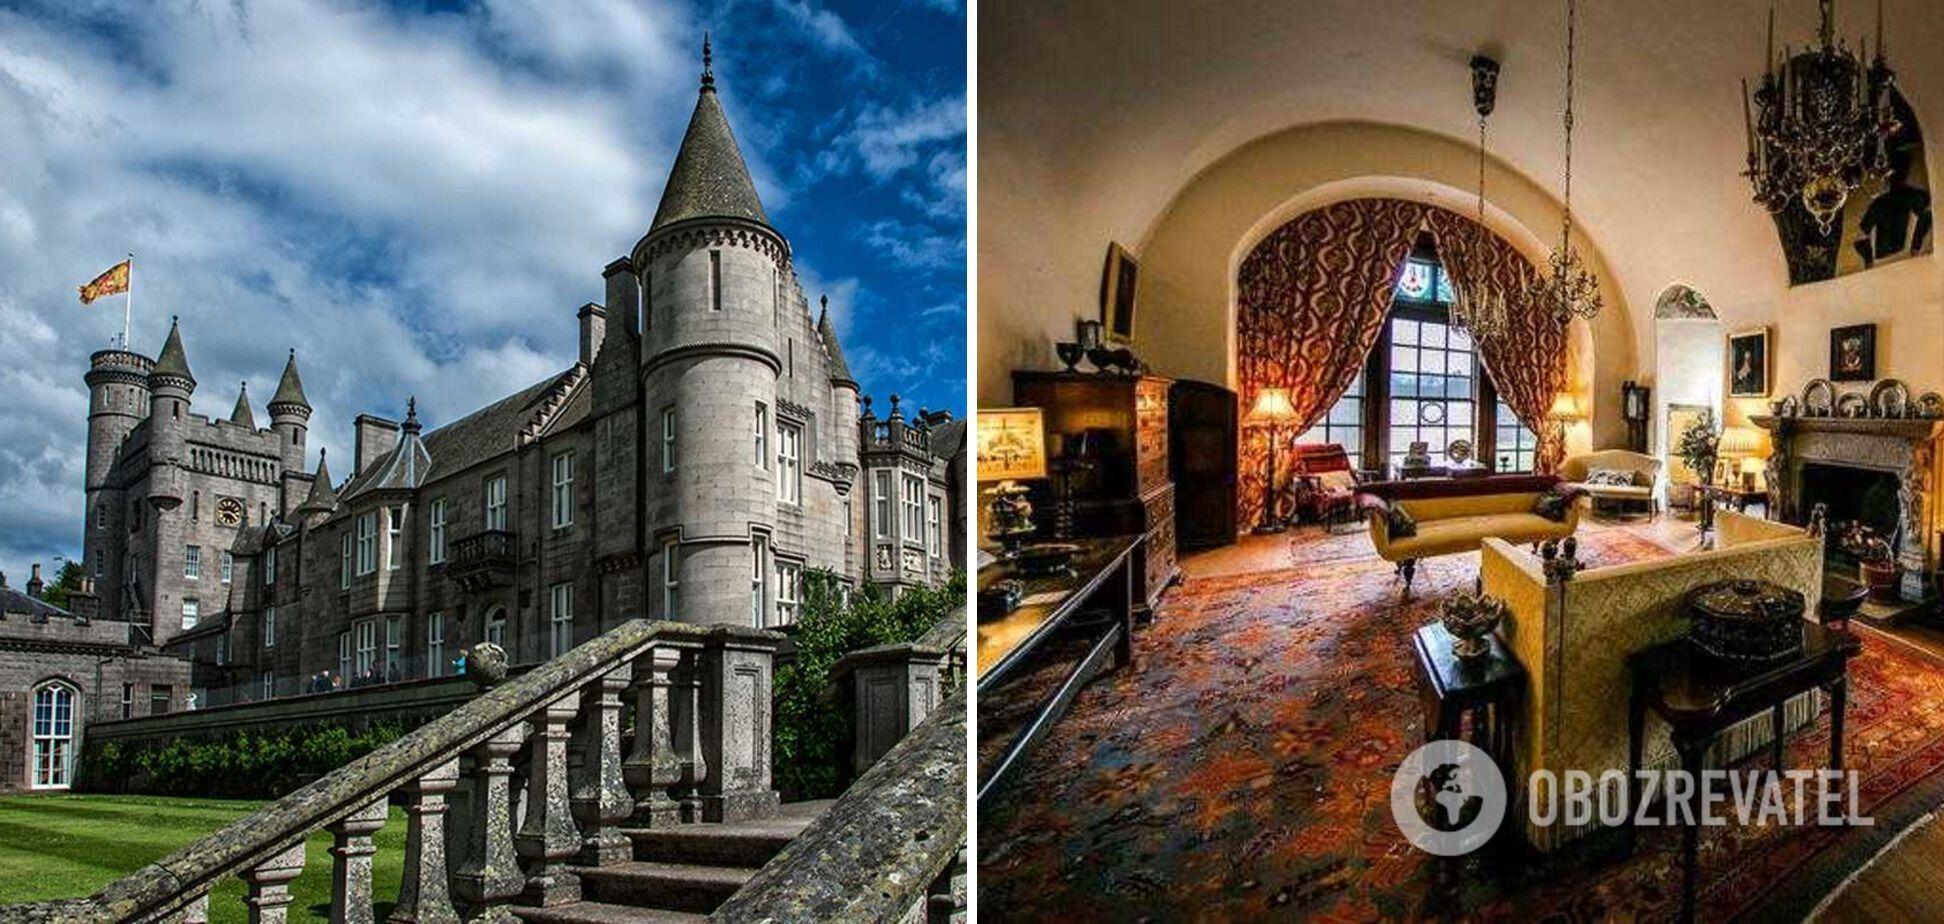 У приватному маєтку Балморал королева проводить кілька тижнів наприкінці кожного літа